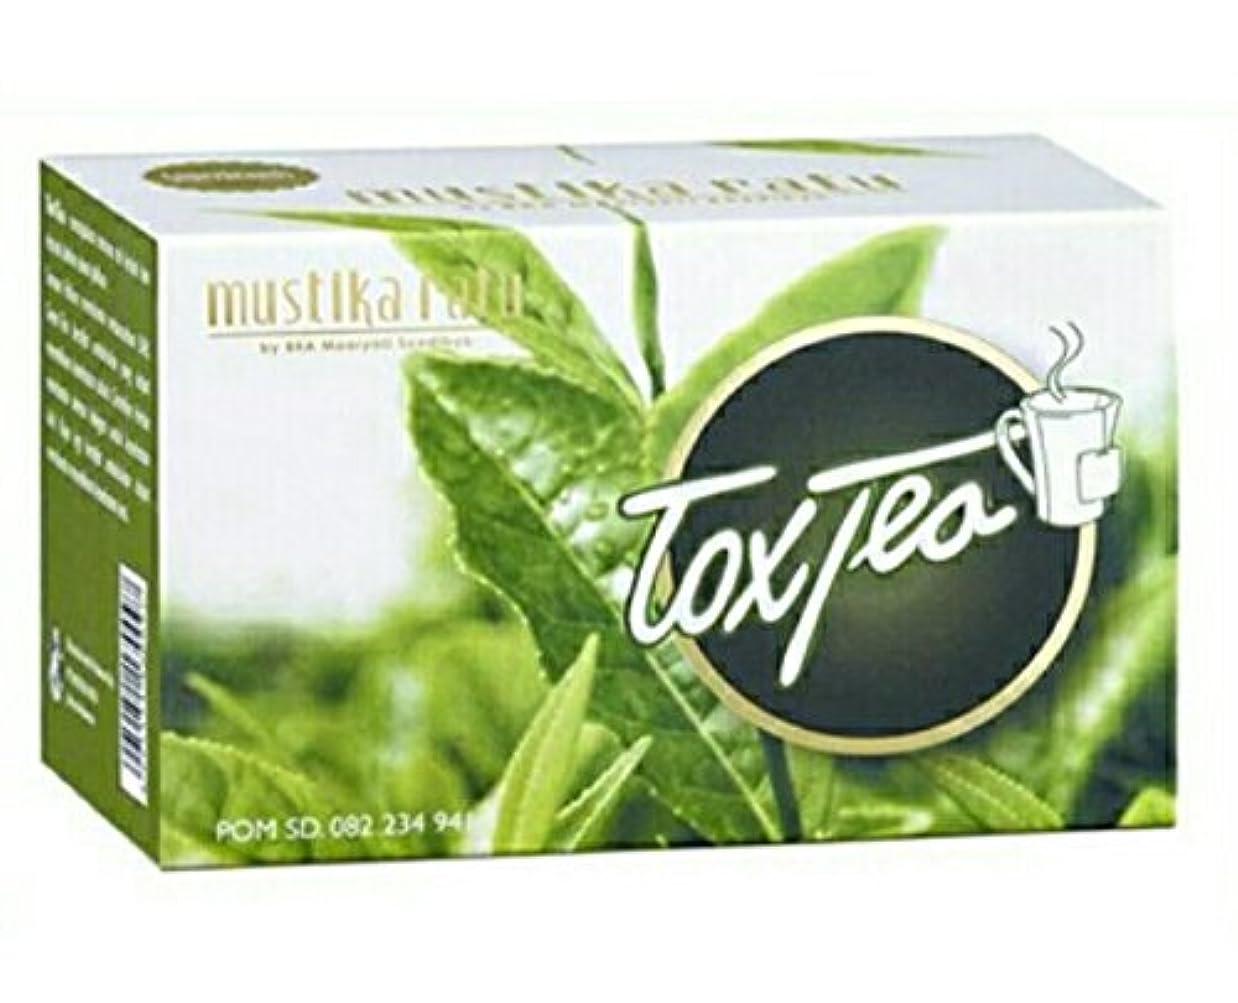 親指シーケンス結核Mustika ratu Tea ムスティカラトゥトックスティー3箱x 15個のティーバッグ= 45個のティーバッグ